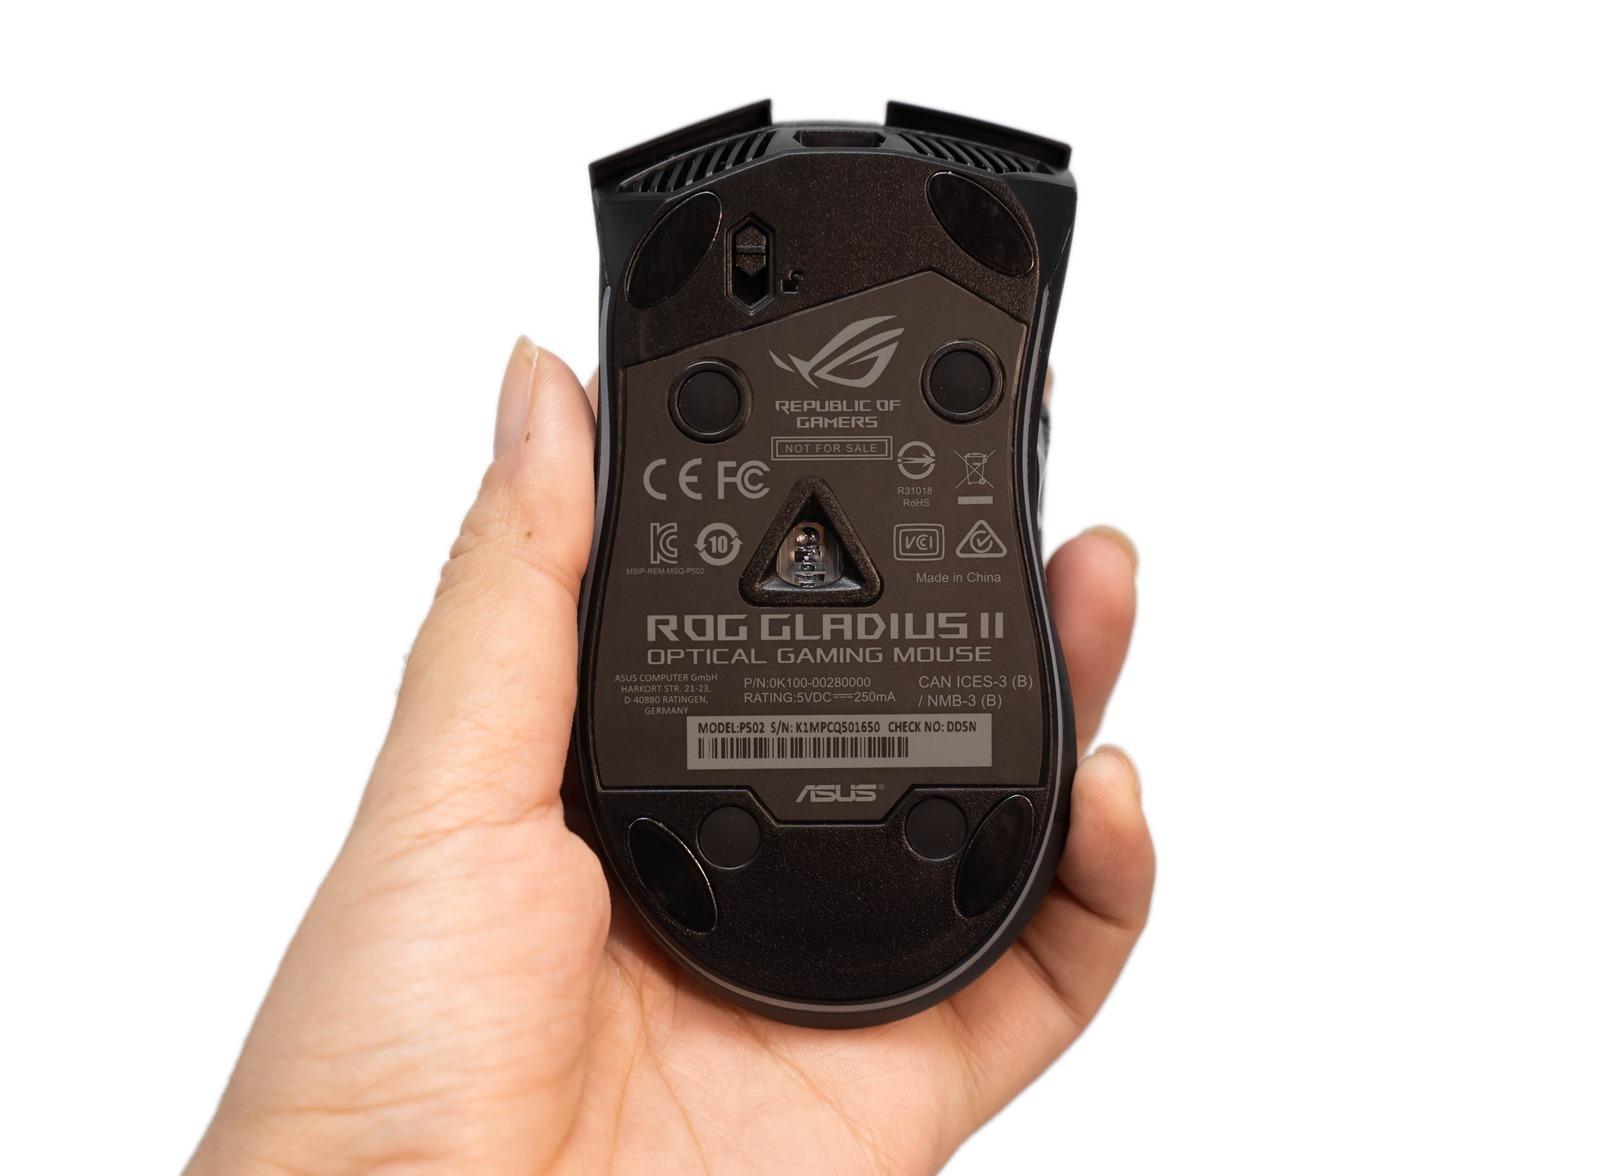 最强最薄!新一代 ASUS ROG Zephyrus S GX701 带来 RTX 最强显卡的世界最薄 17 吋电竞笔电! @3C 达人廖阿辉